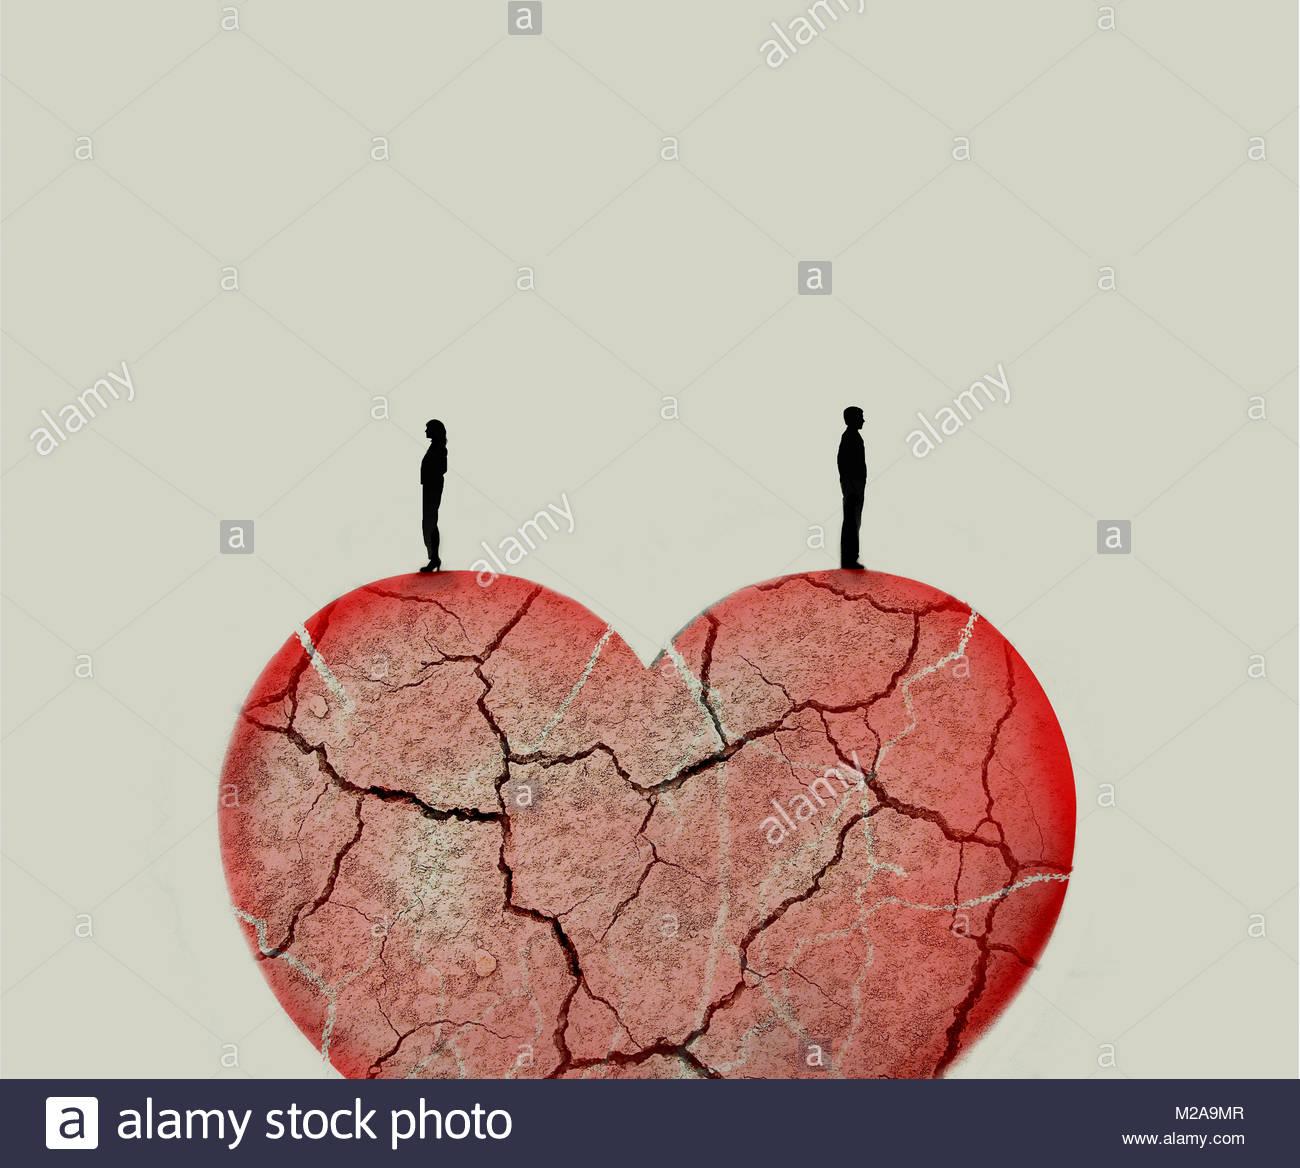 Matura in piedi sulla parte superiore del cuore spezzato Immagini Stock